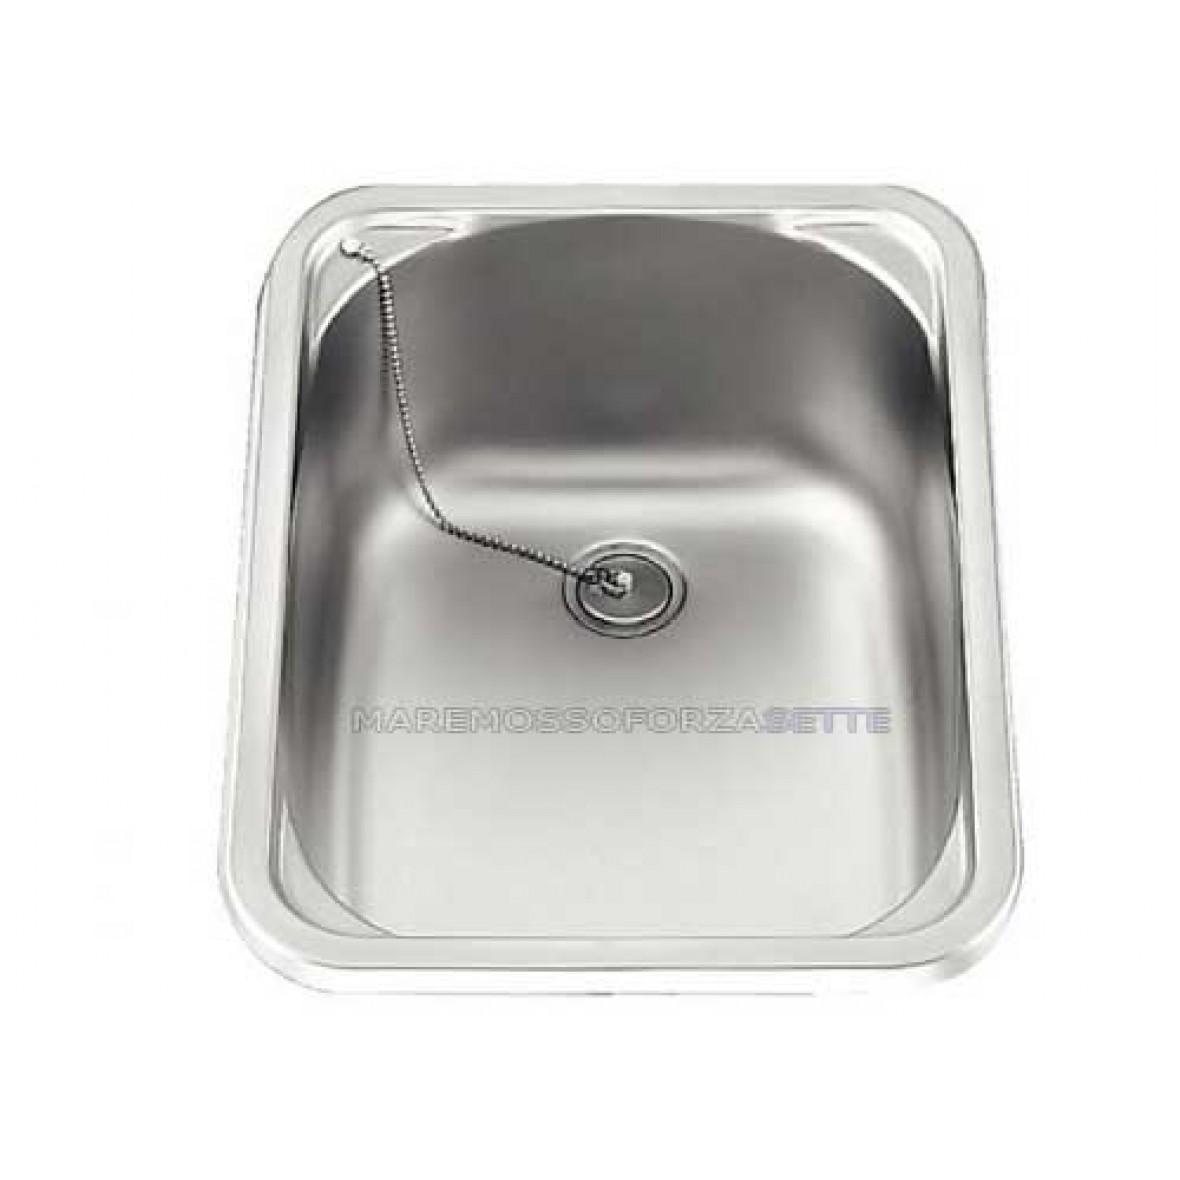 Vendita Lavello In Acciaio Inox Per Barca 380x280 Mm Fornelli E Lavelli Cucina A Bordo